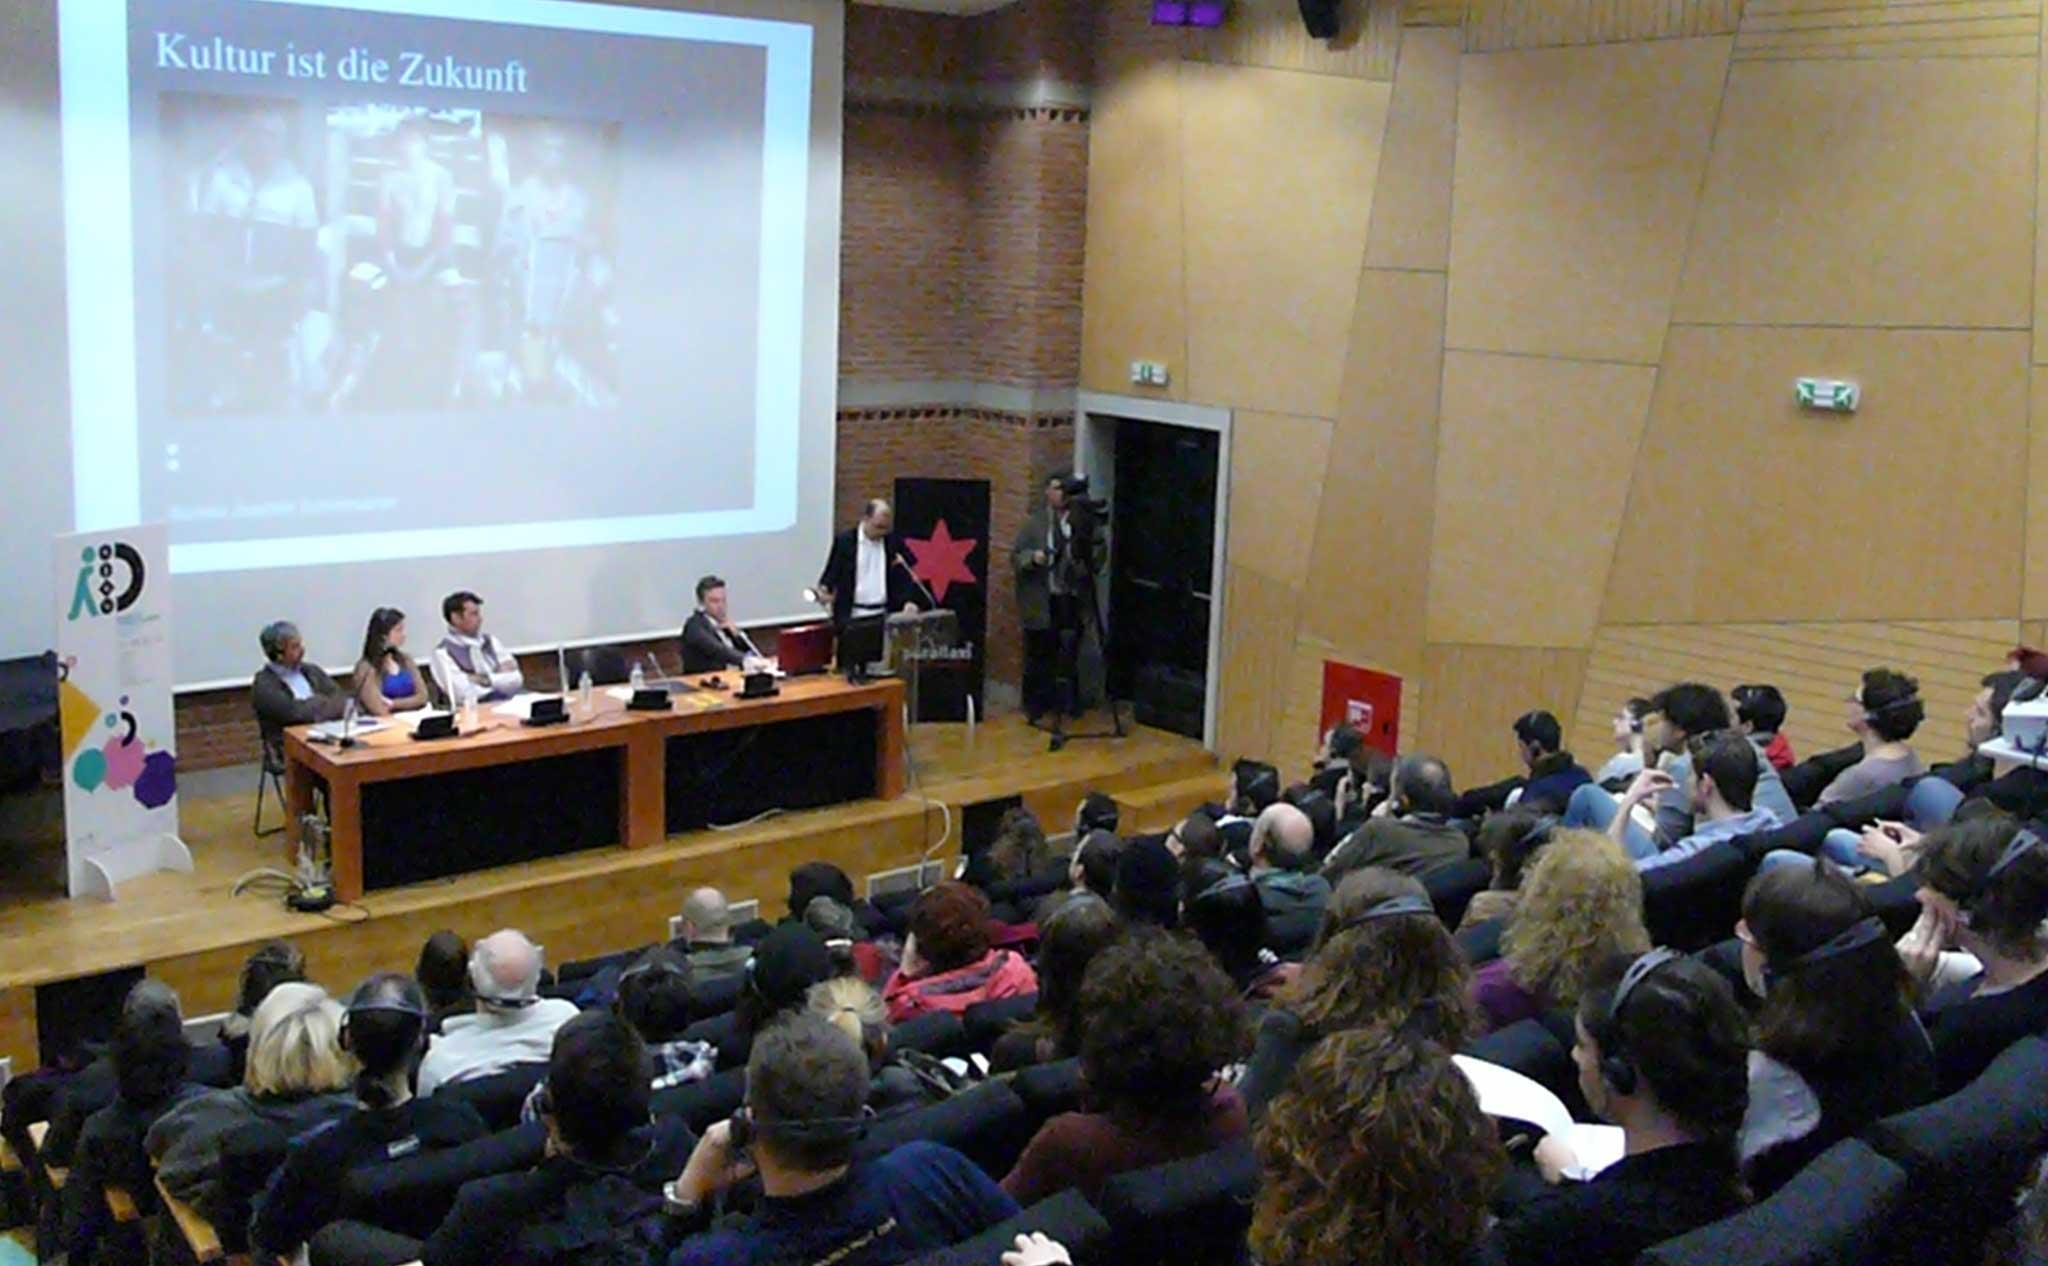 Die wichtigsten Vertreter der Kreativszene trafen sich beim Symposium.